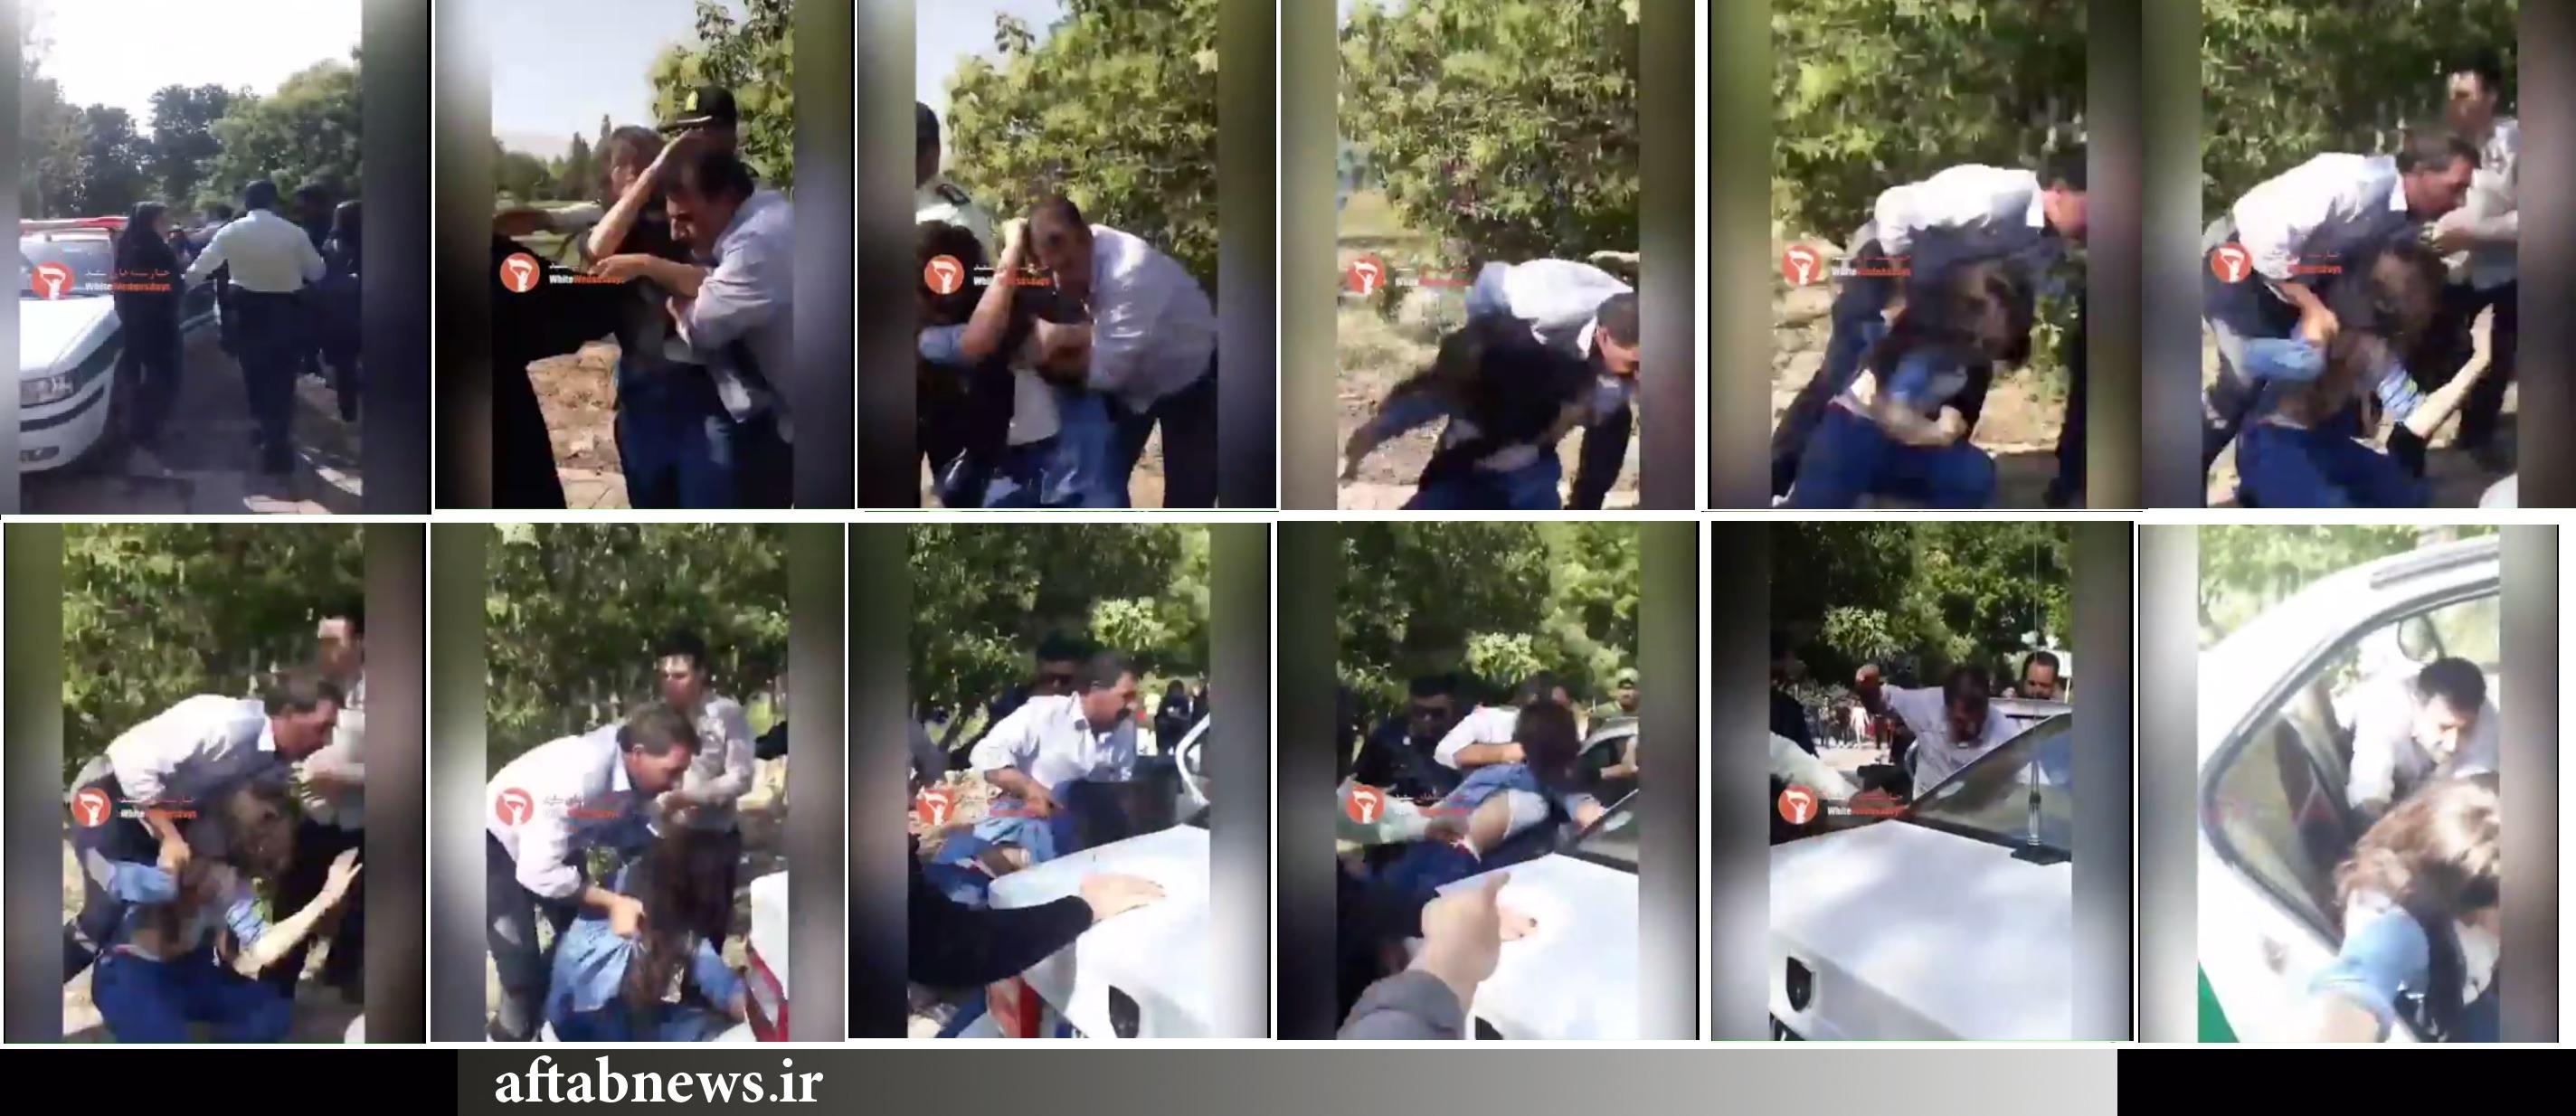 توضیحات تازه پلیس درباره ویدئوی درگیری مامور ناجا با دختر جوان در تهرانپارس: مردم بدانند ابتدا این دختر خانم تعرض کرده و مأمور هم عصبانی شده!